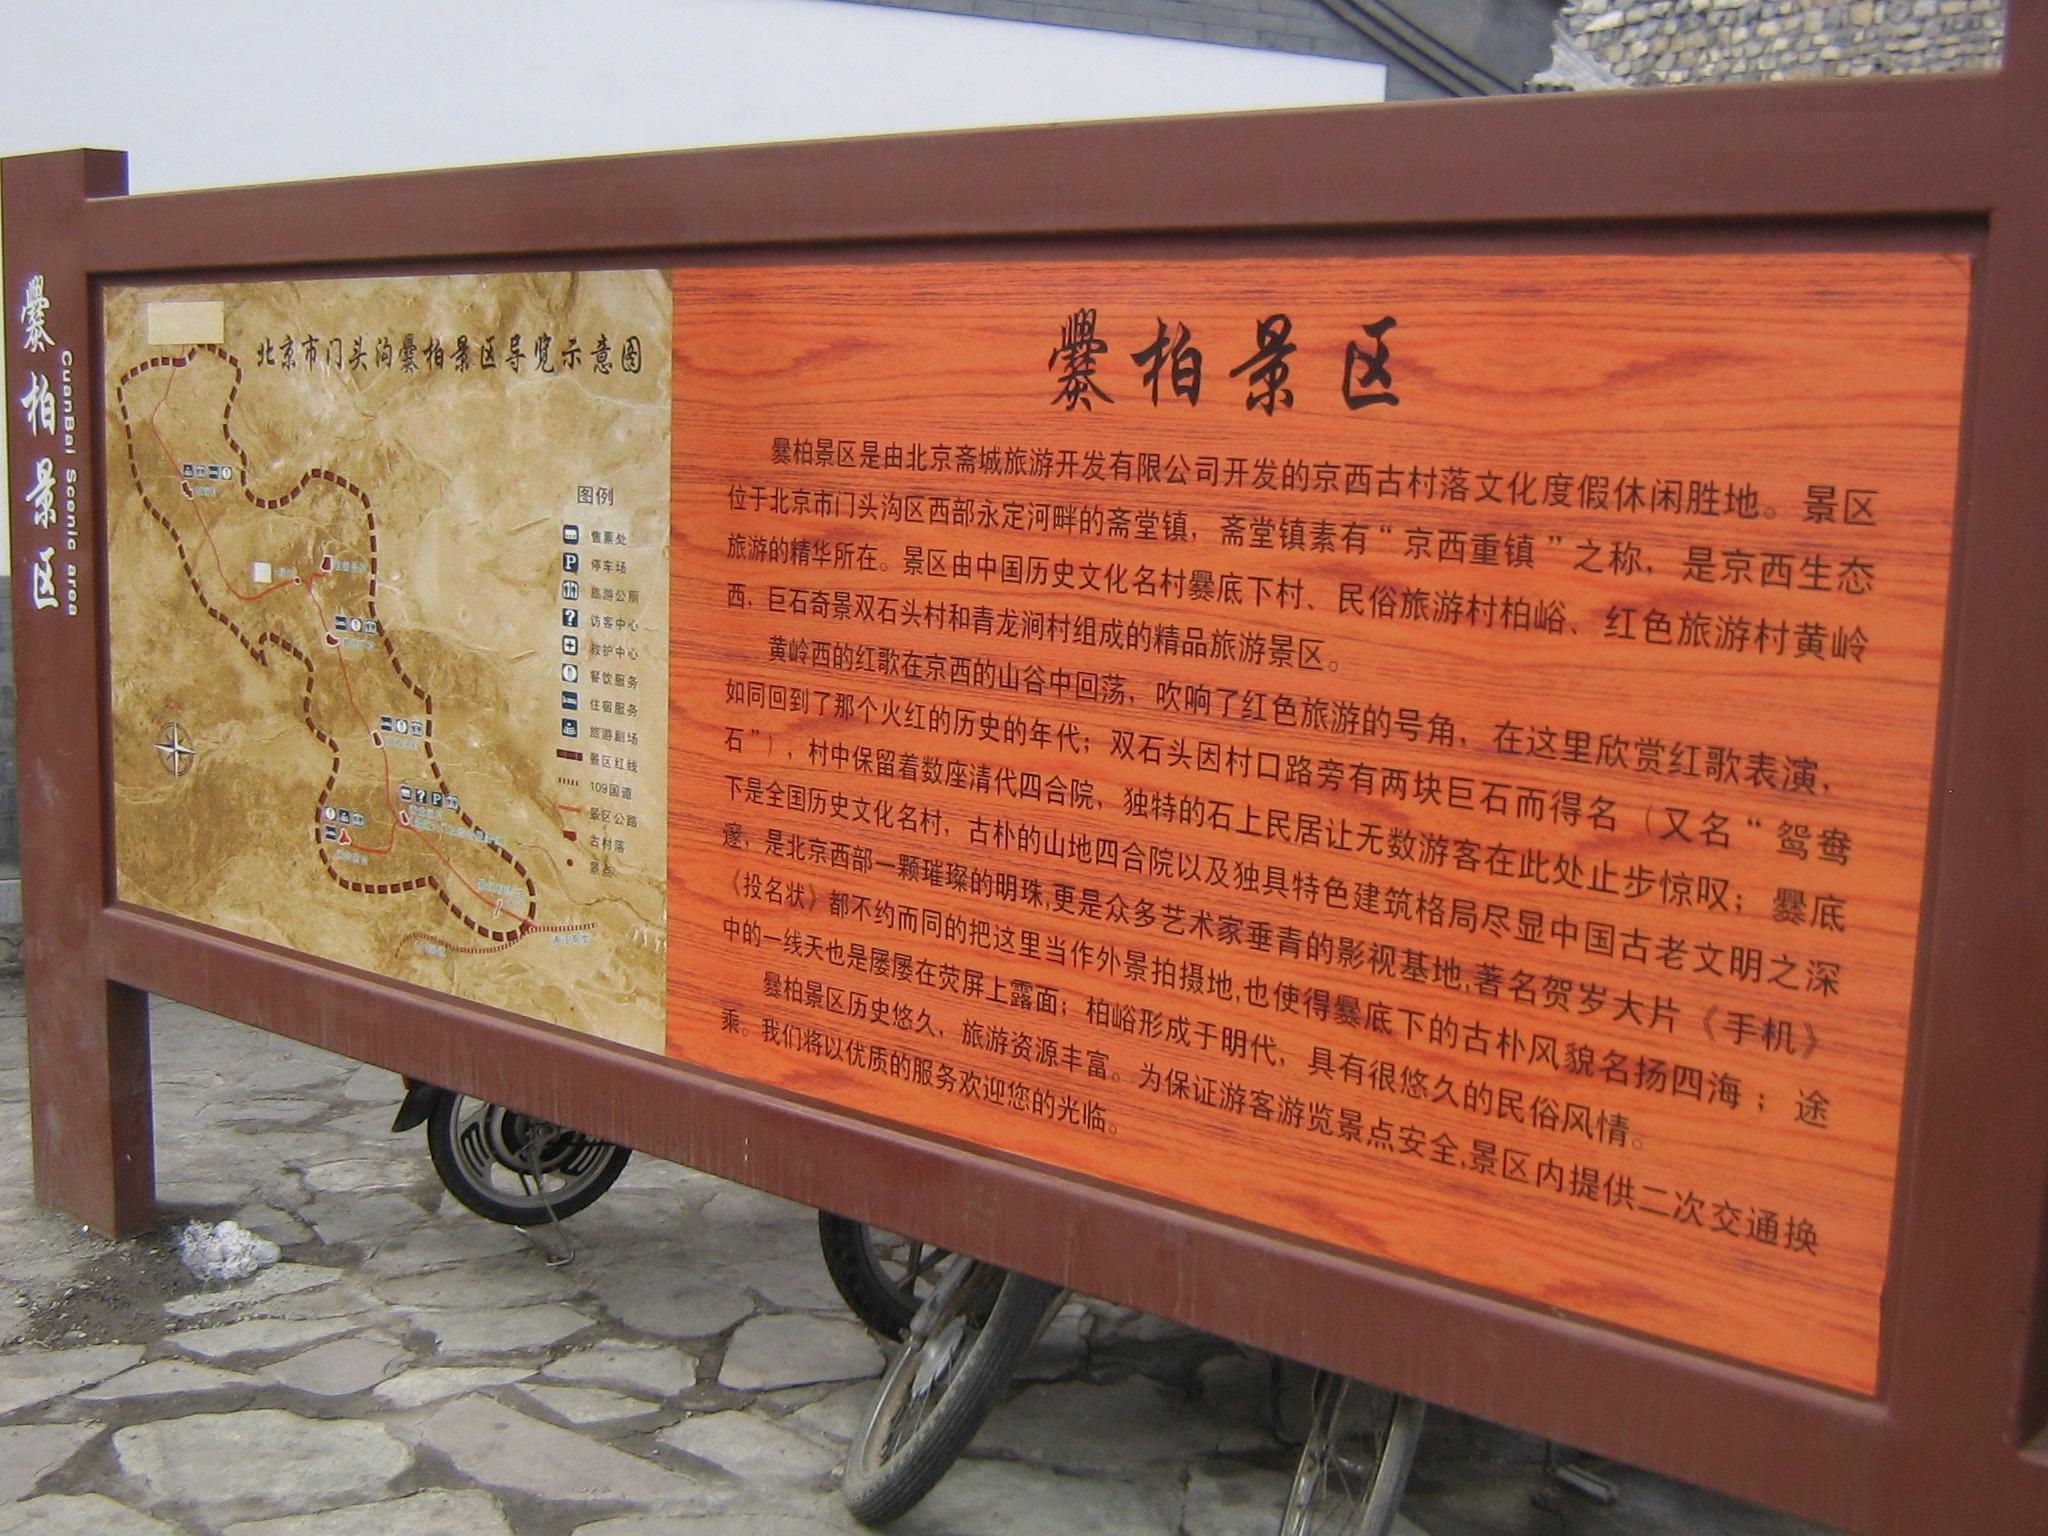 斋堂镇爨柏景区:北京门头沟区的璀璨明珠